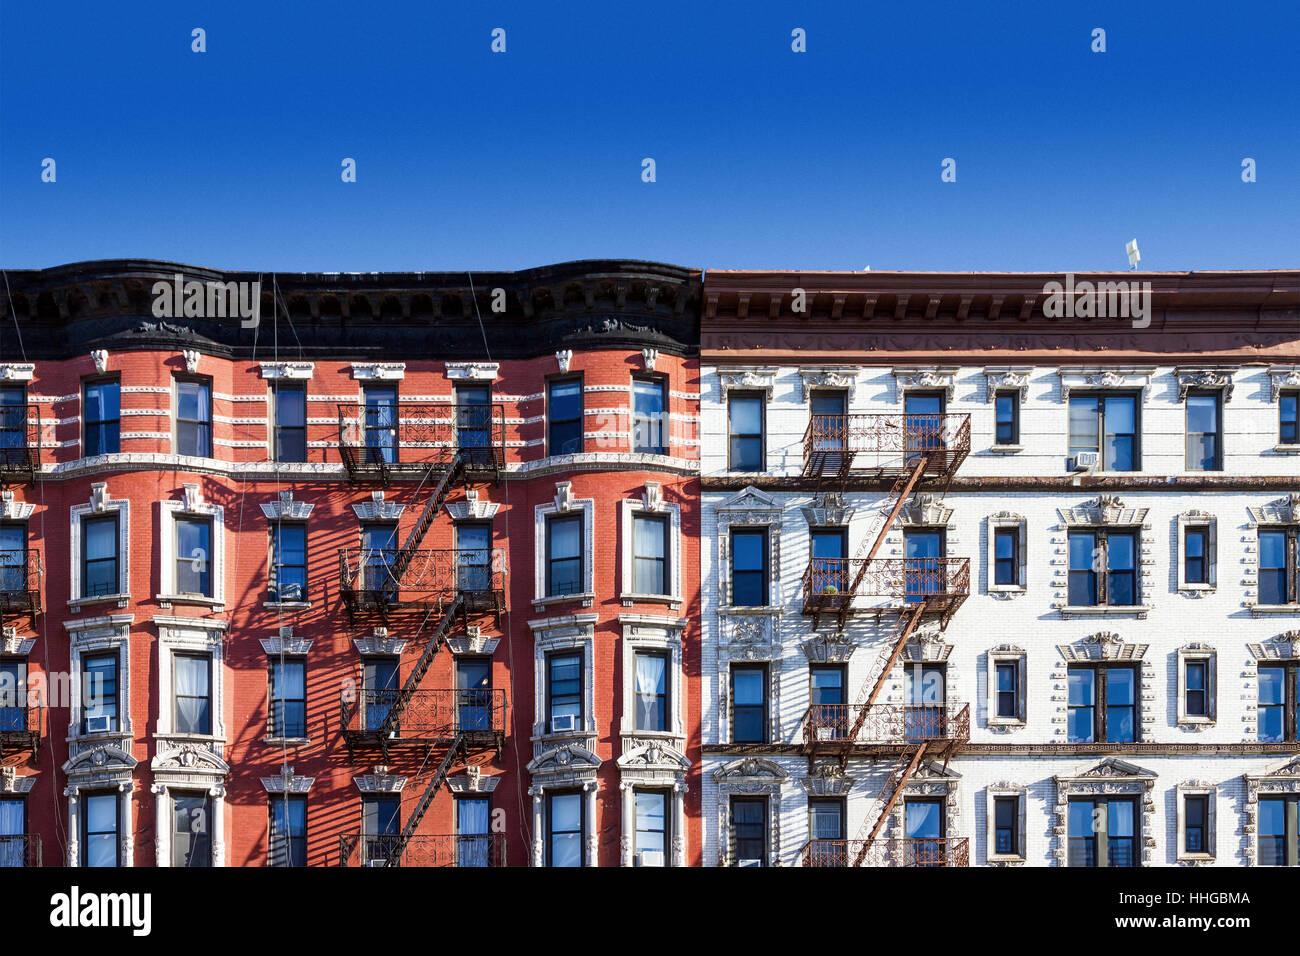 La Ciudad de Nueva York del antiguo bloque de edificios históricos en el East Village de Manhattan, Ciudad Imagen De Stock